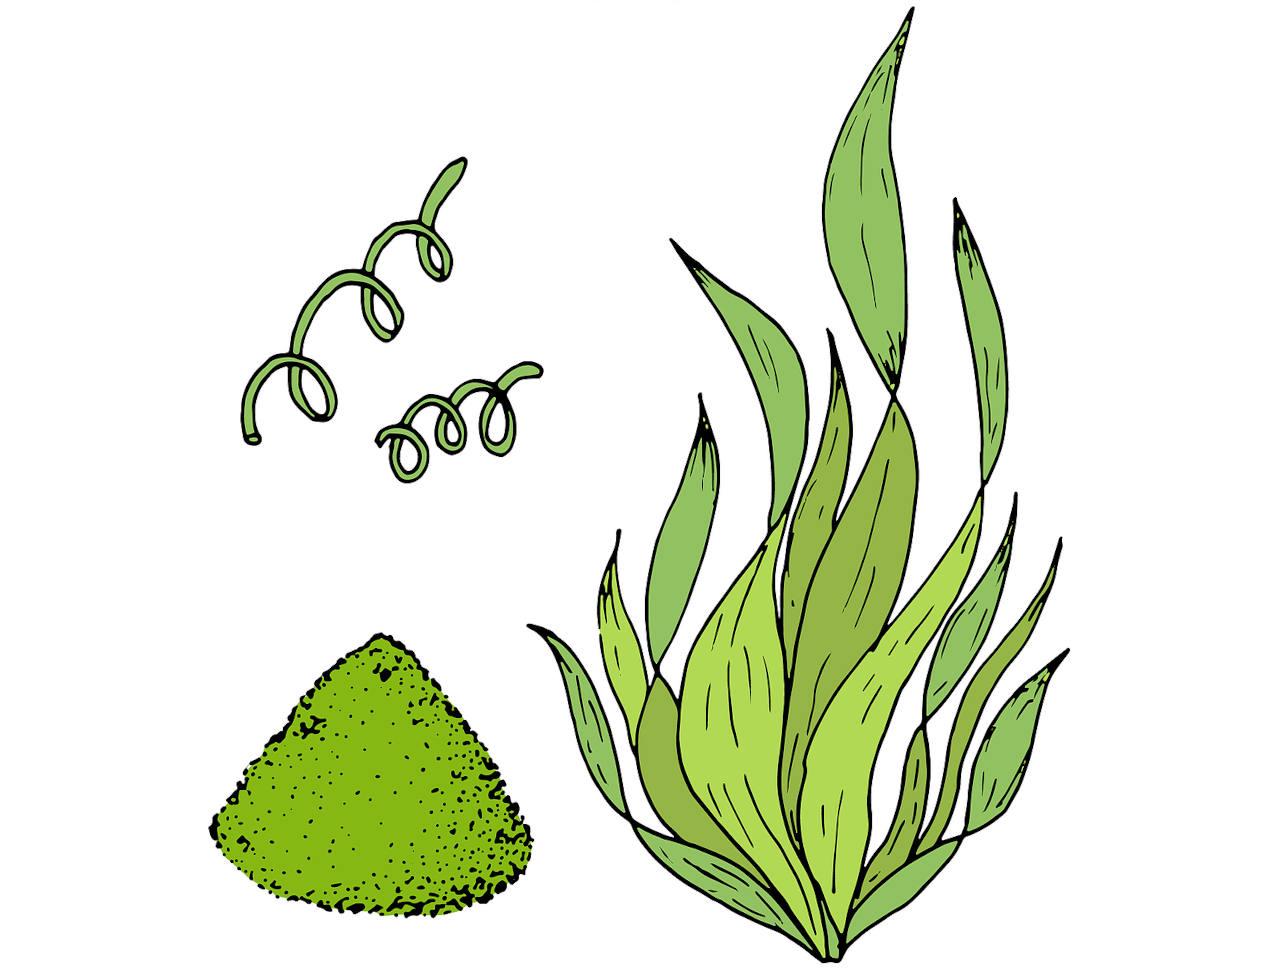 la spiruline est une cyanobacterie decouverte par les civilisations precolombiennes